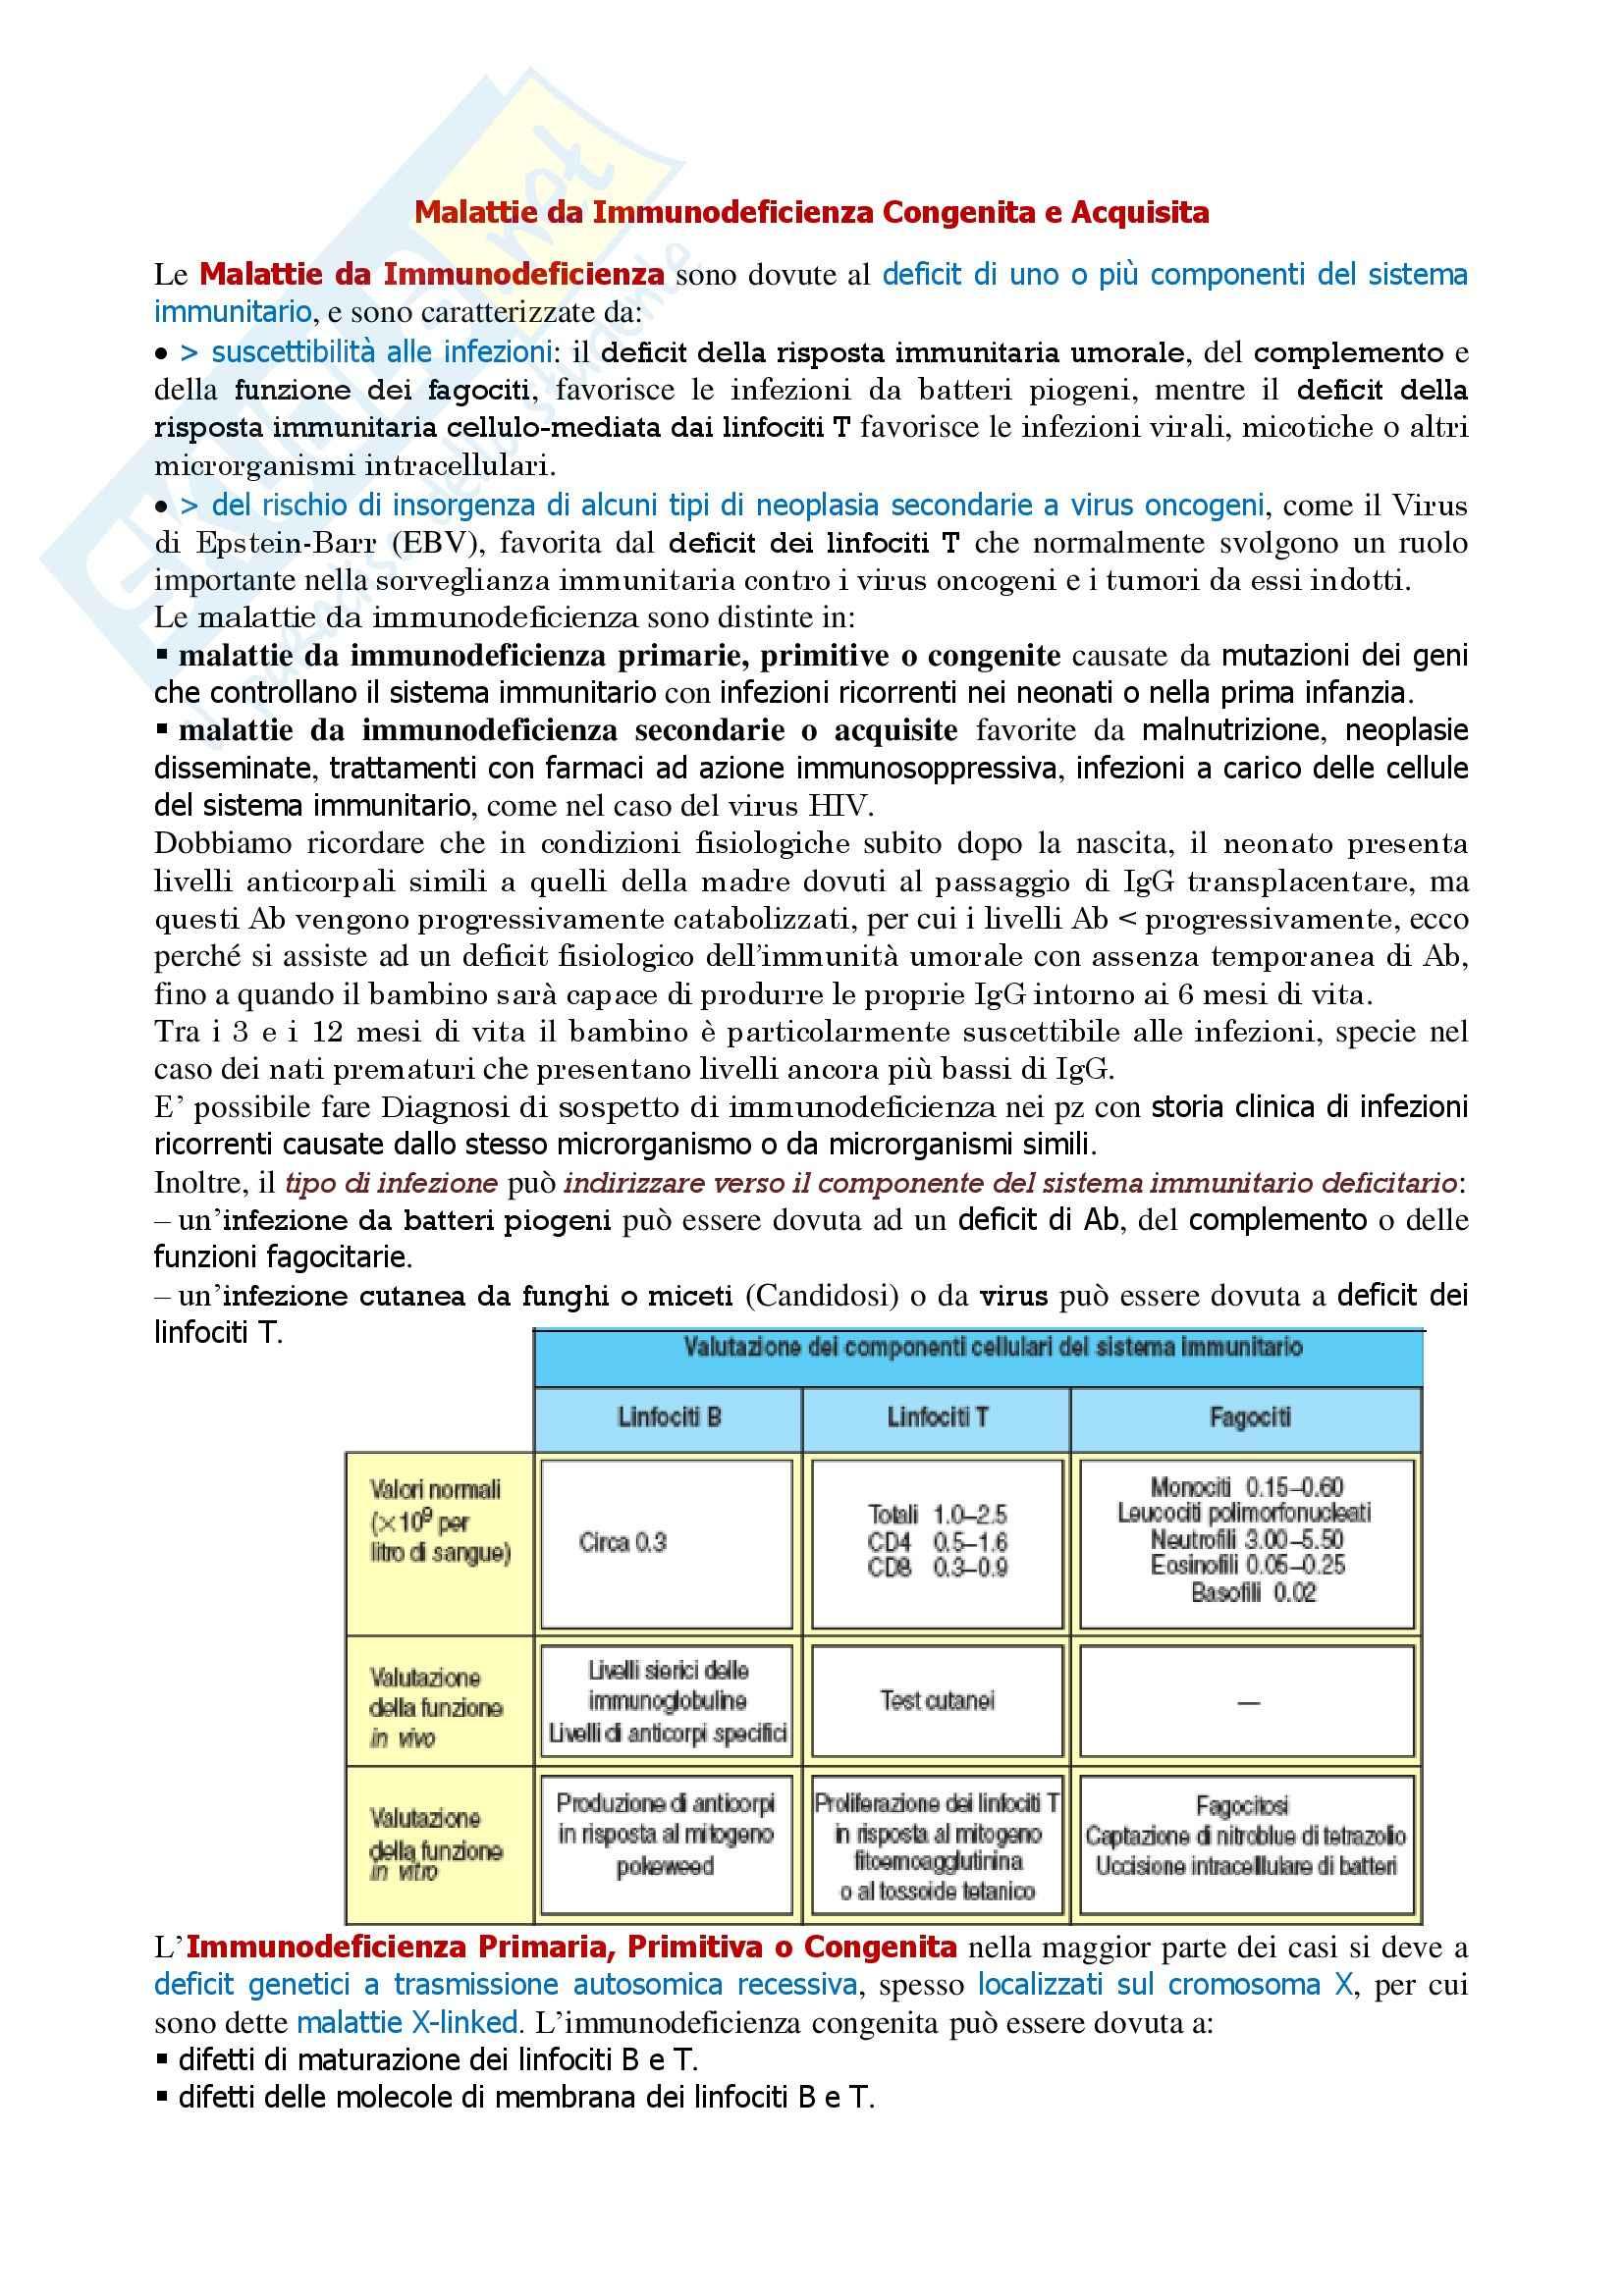 Immunologia - malattie da immunodeficienza congenita